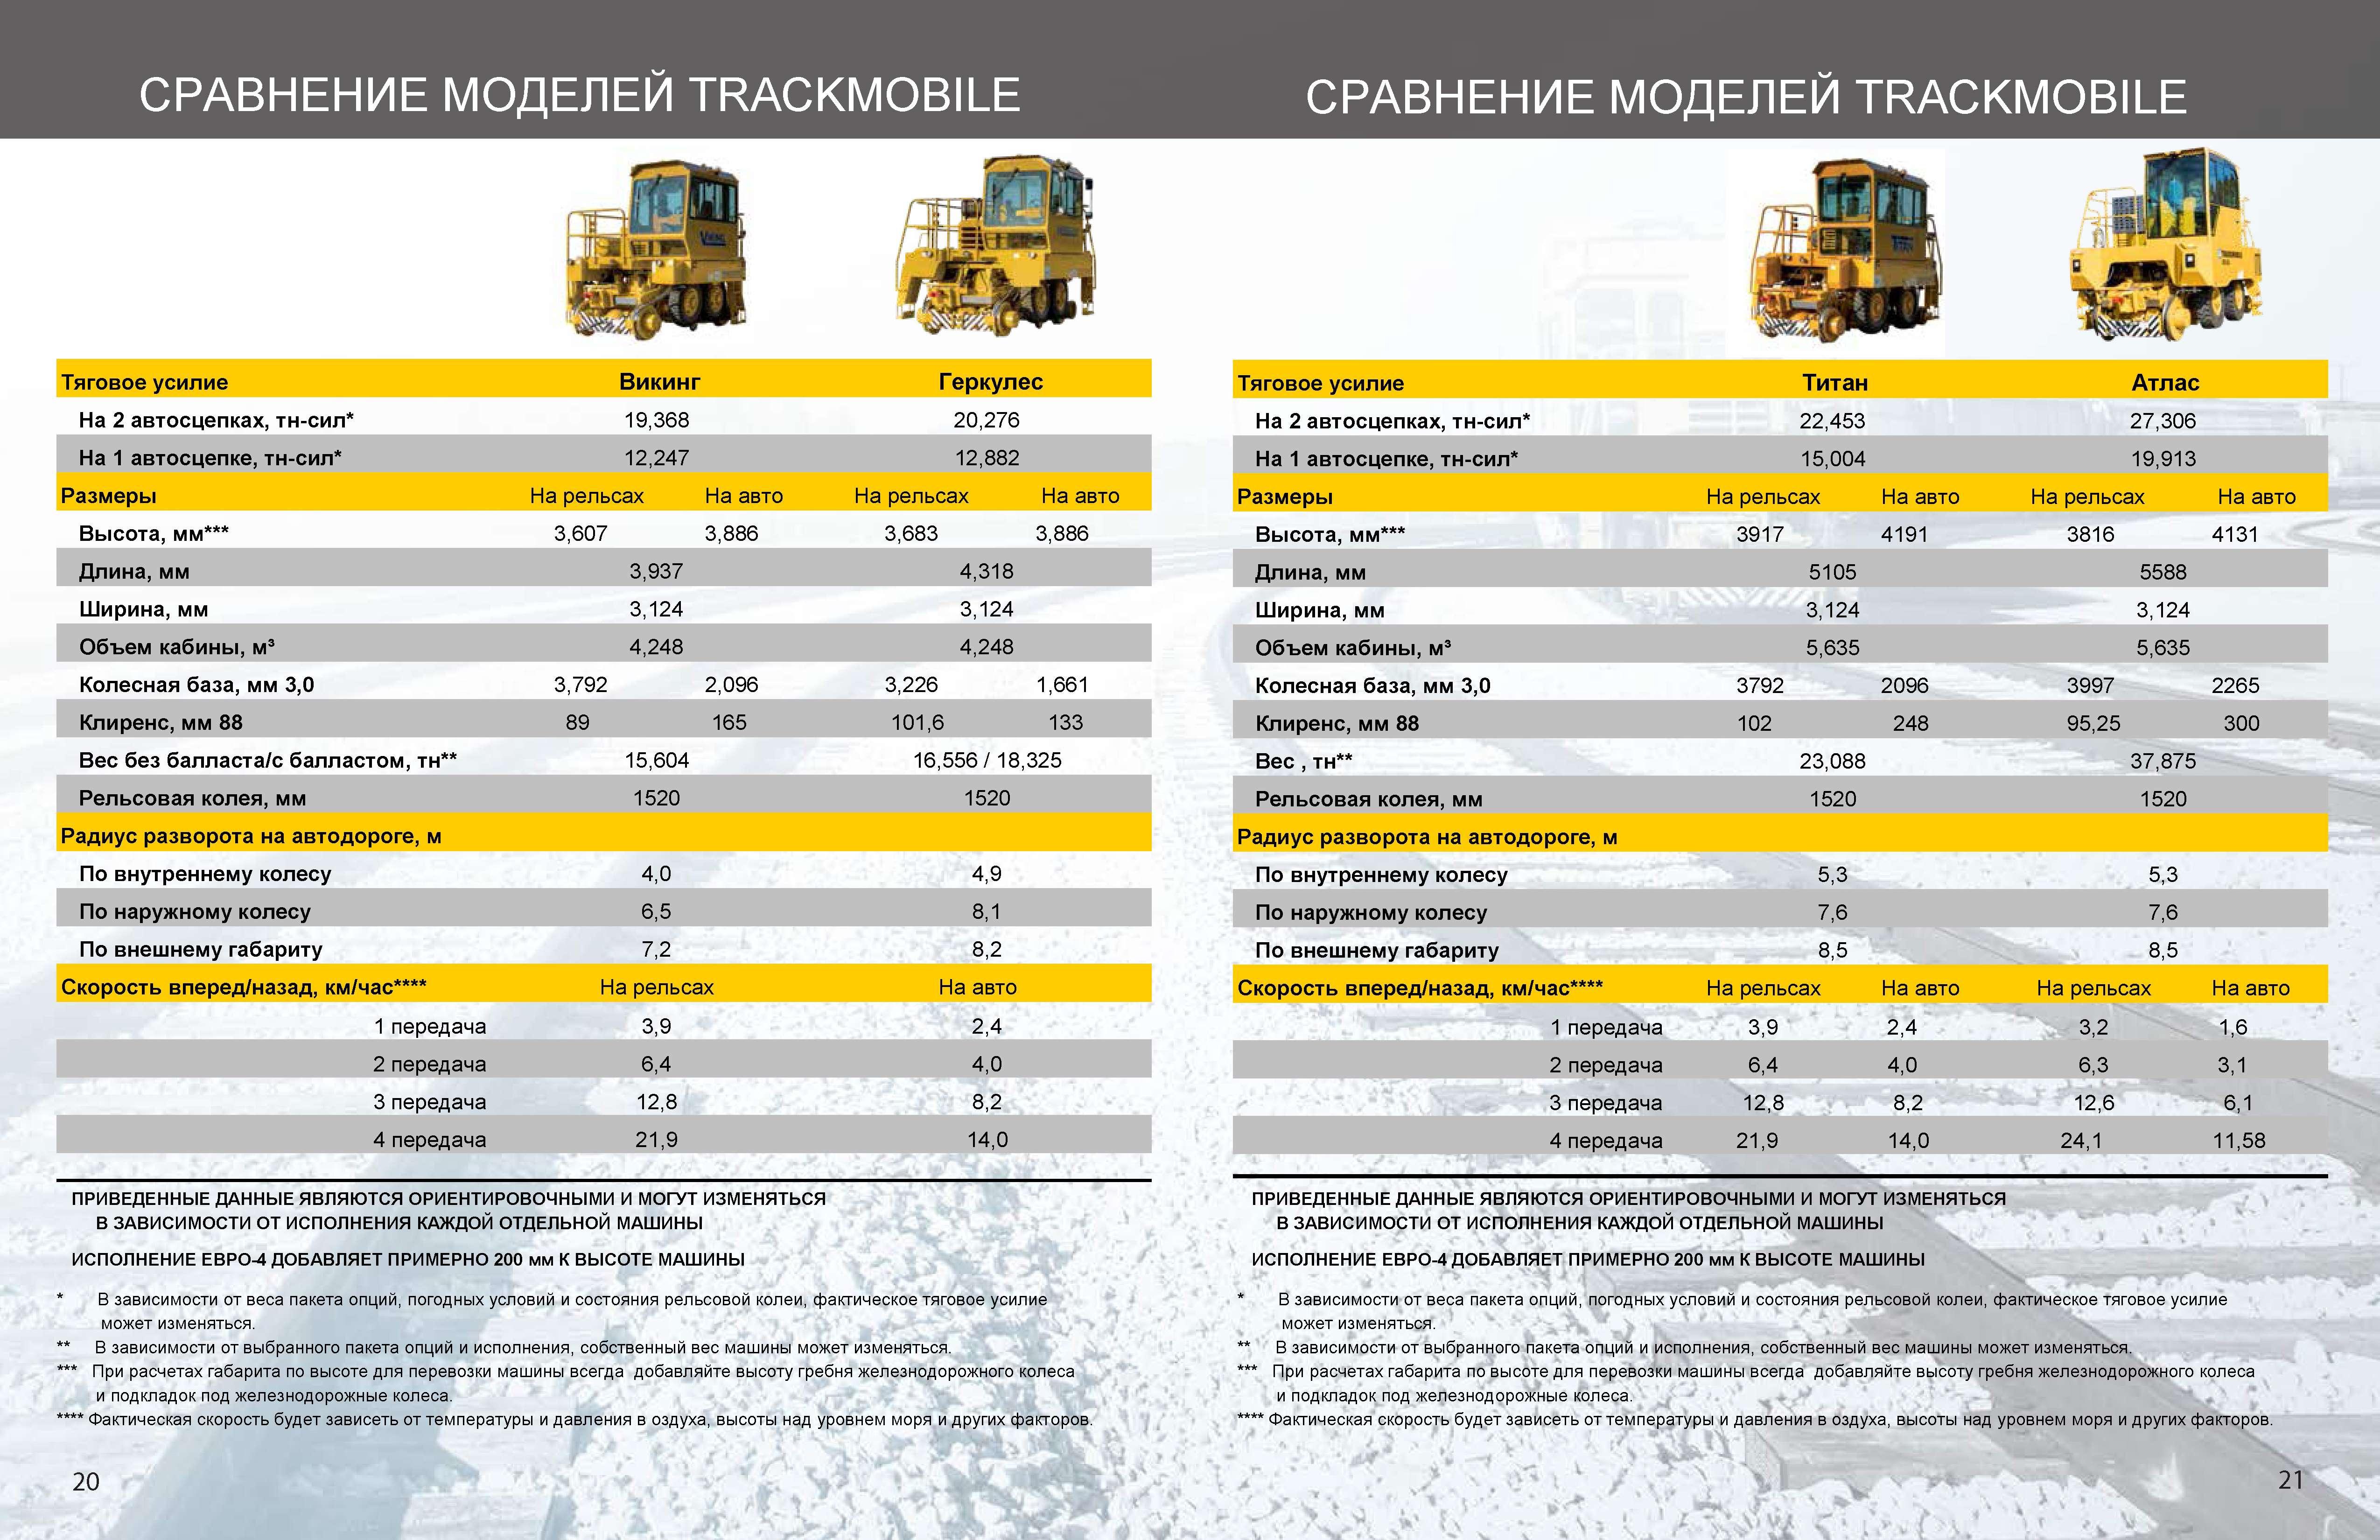 Сравнение моделей_2018.page1